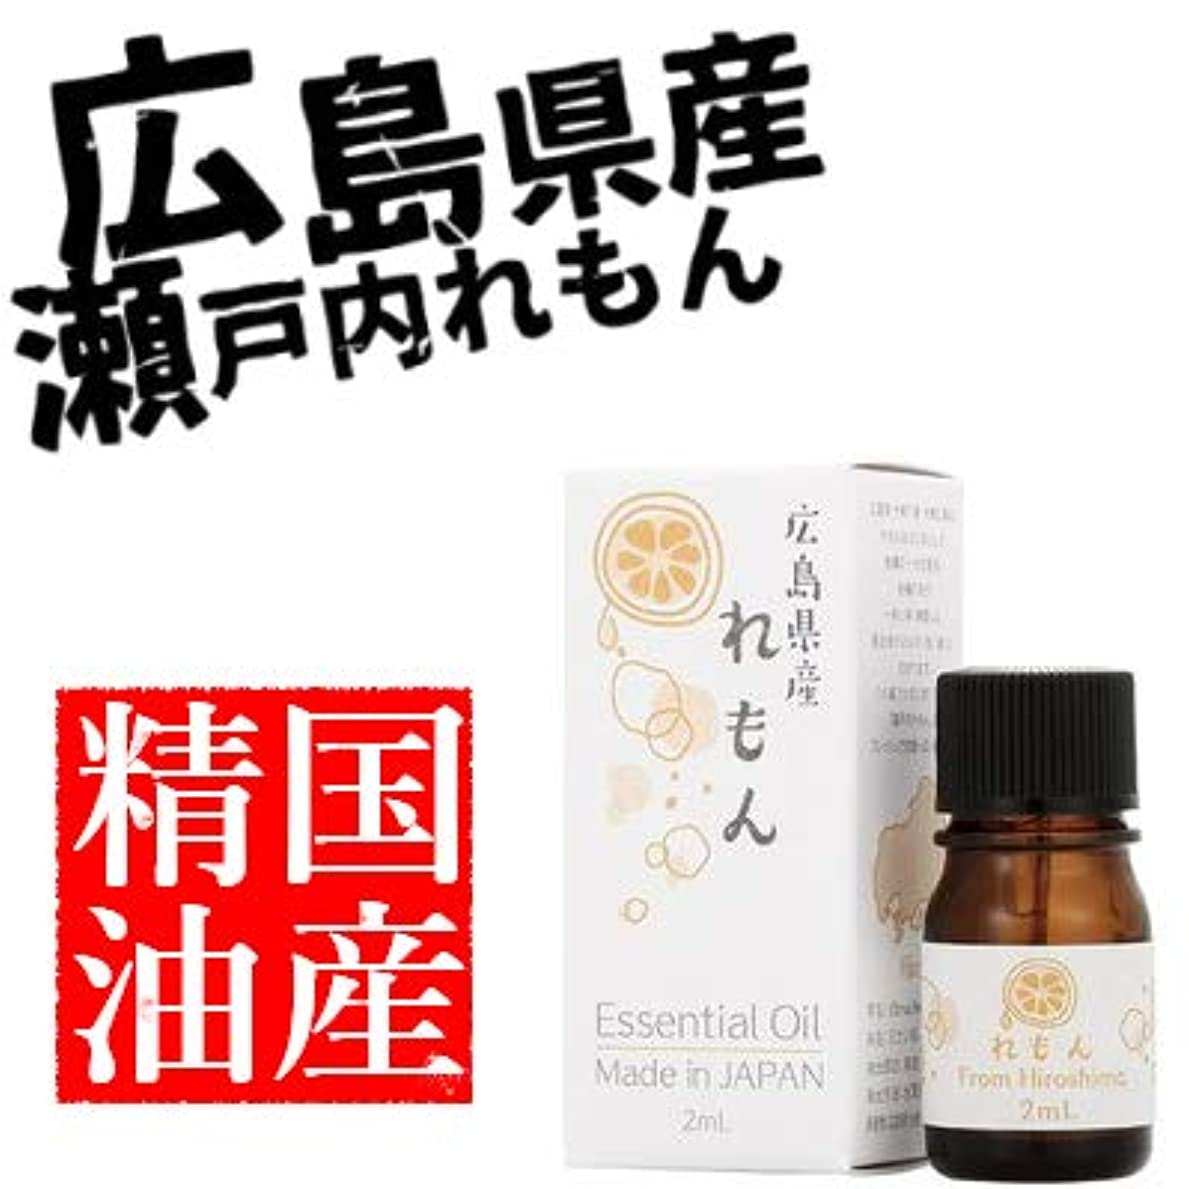 信頼気付く虚弱日本の香りシリーズ エッセンシャルオイル 国産精油 (れもん)